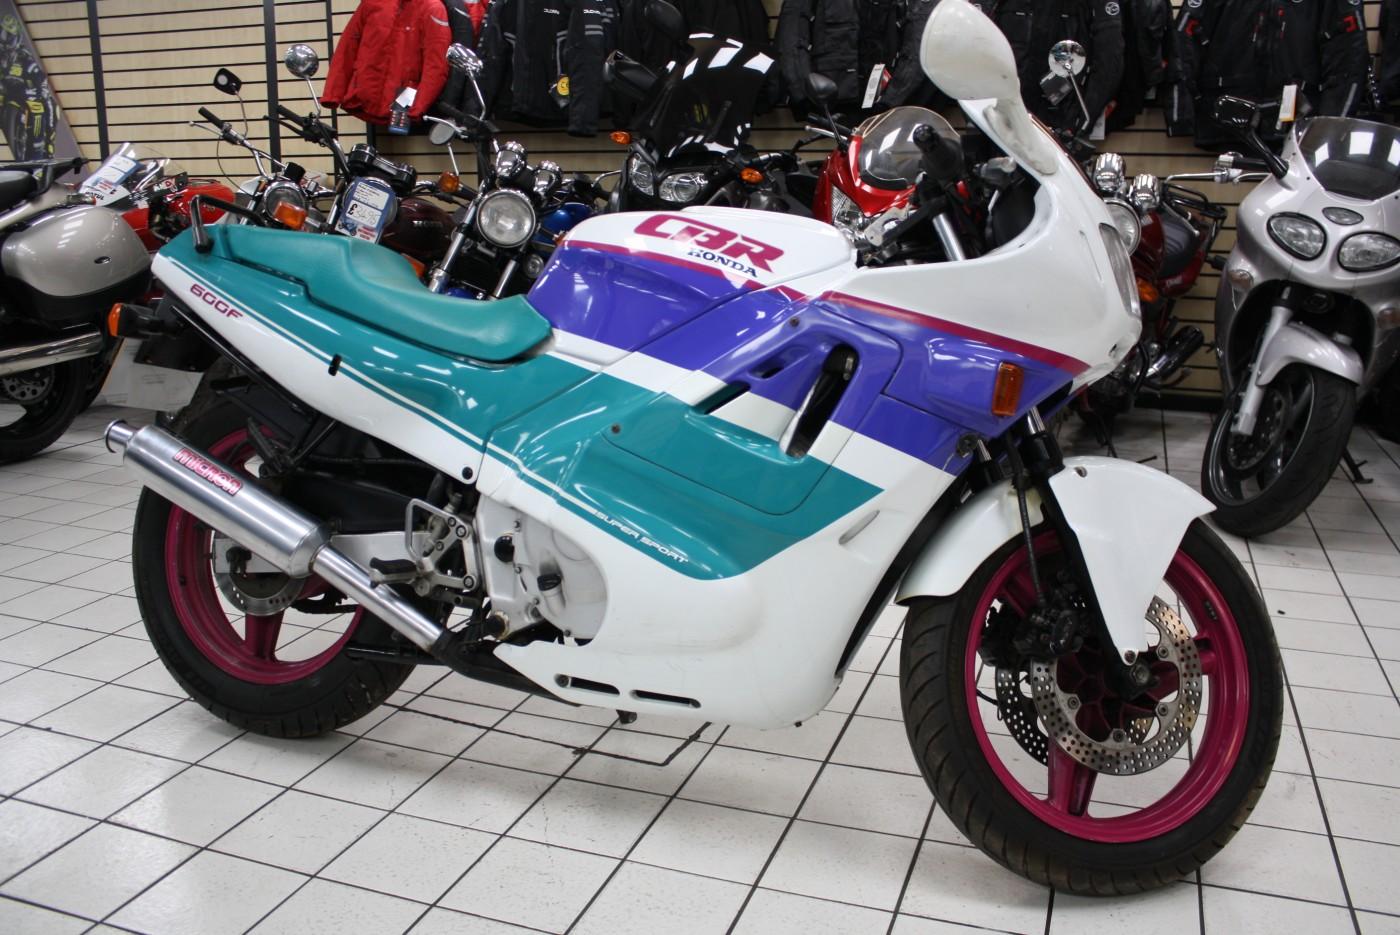 1991 Honda CBR 600 FL Benetton 22k